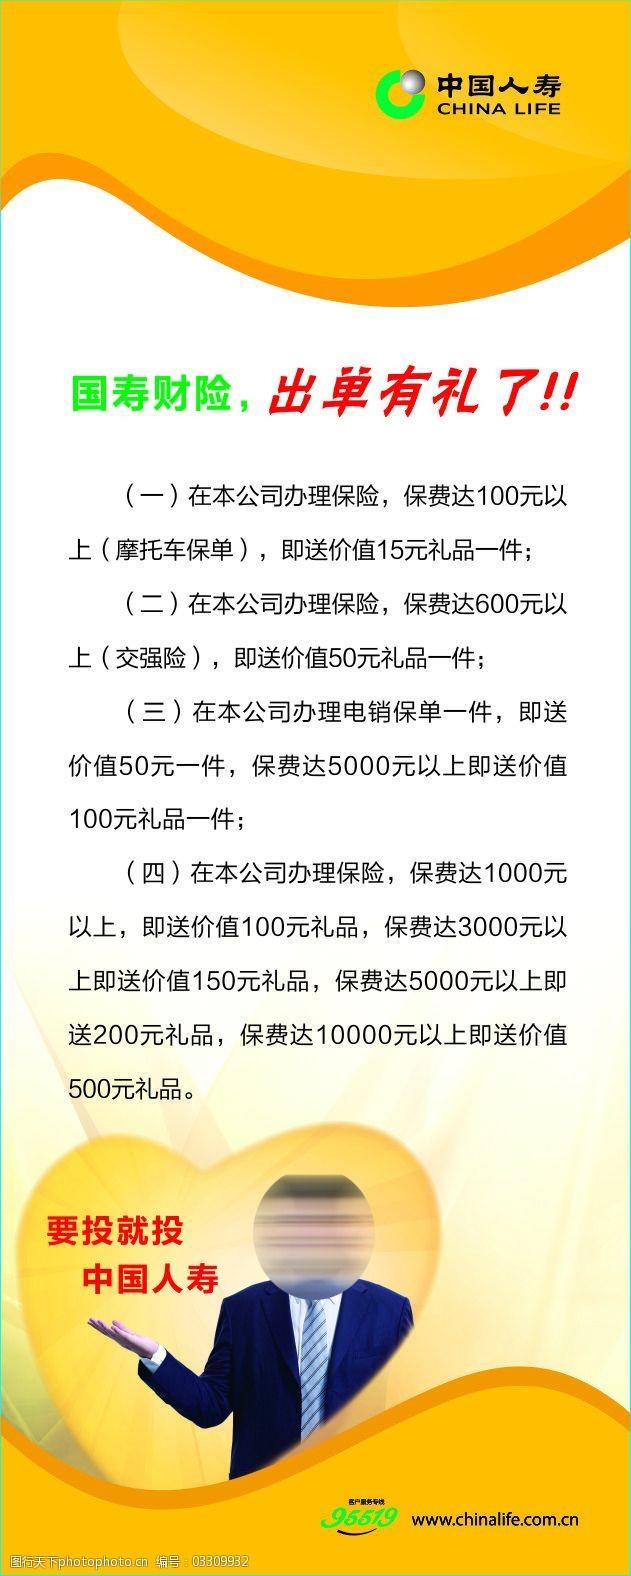 中国人寿易拉宝海报X展架